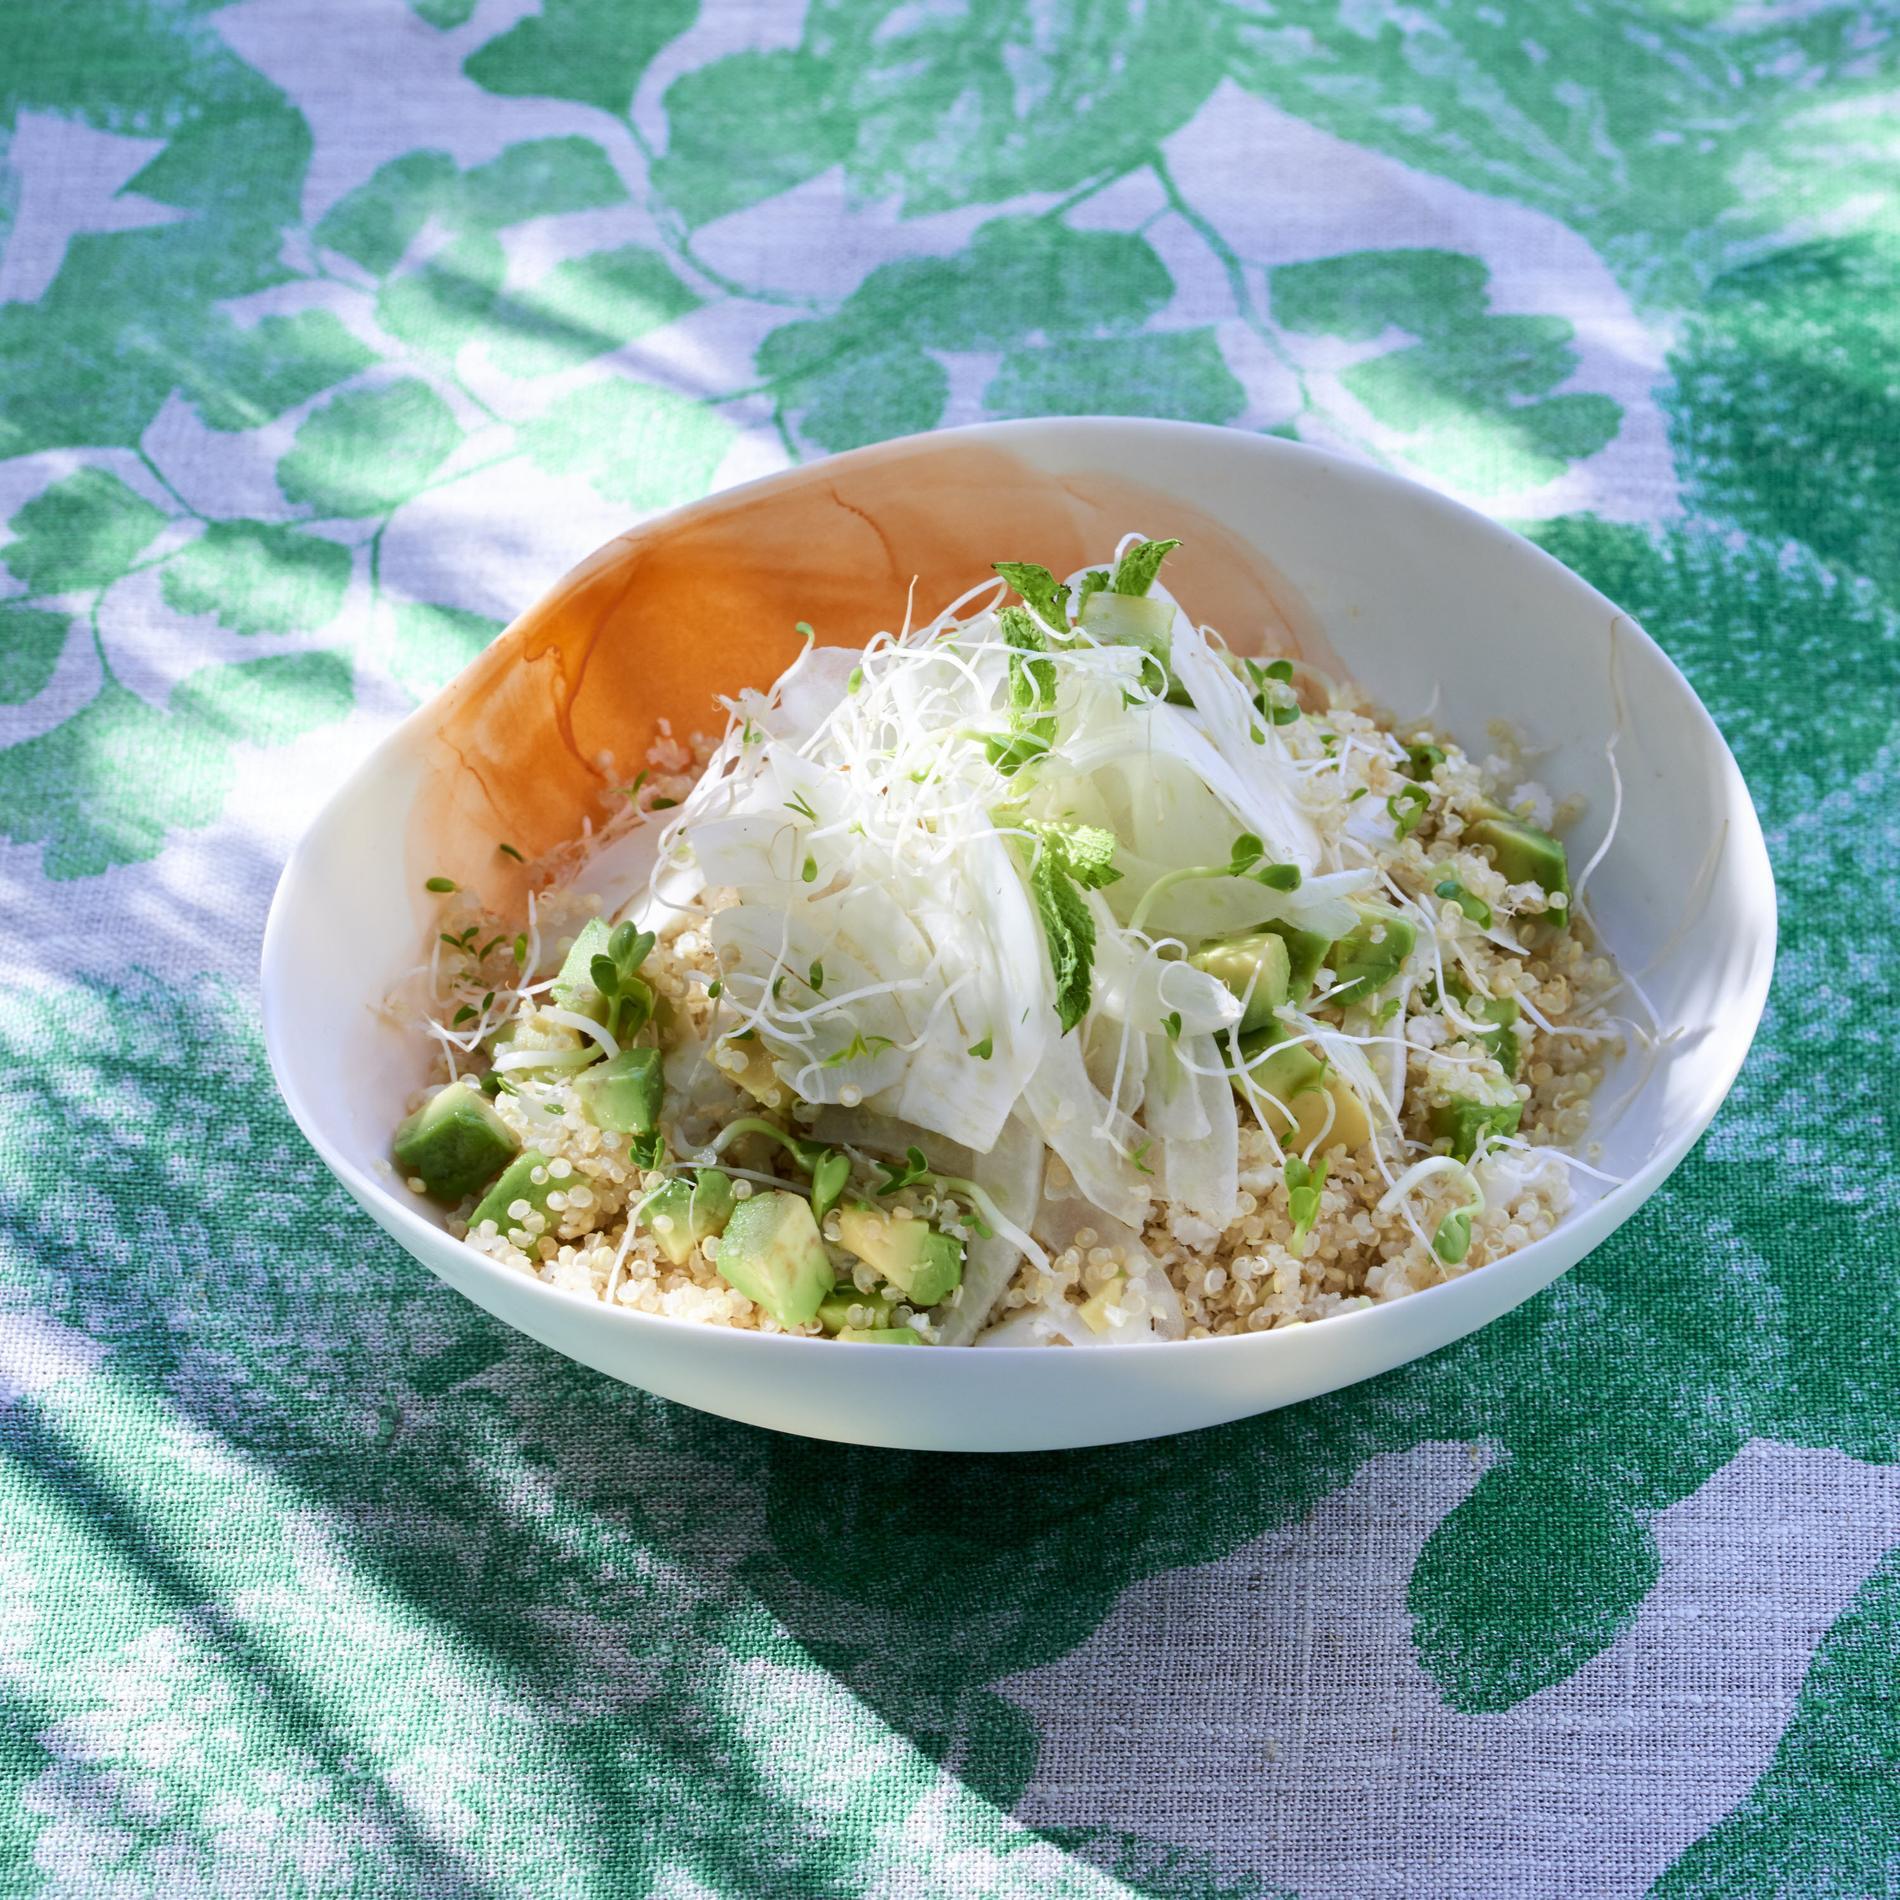 Recette salade vivante au quinoa cuisine madame figaro for Cuisine quinoa